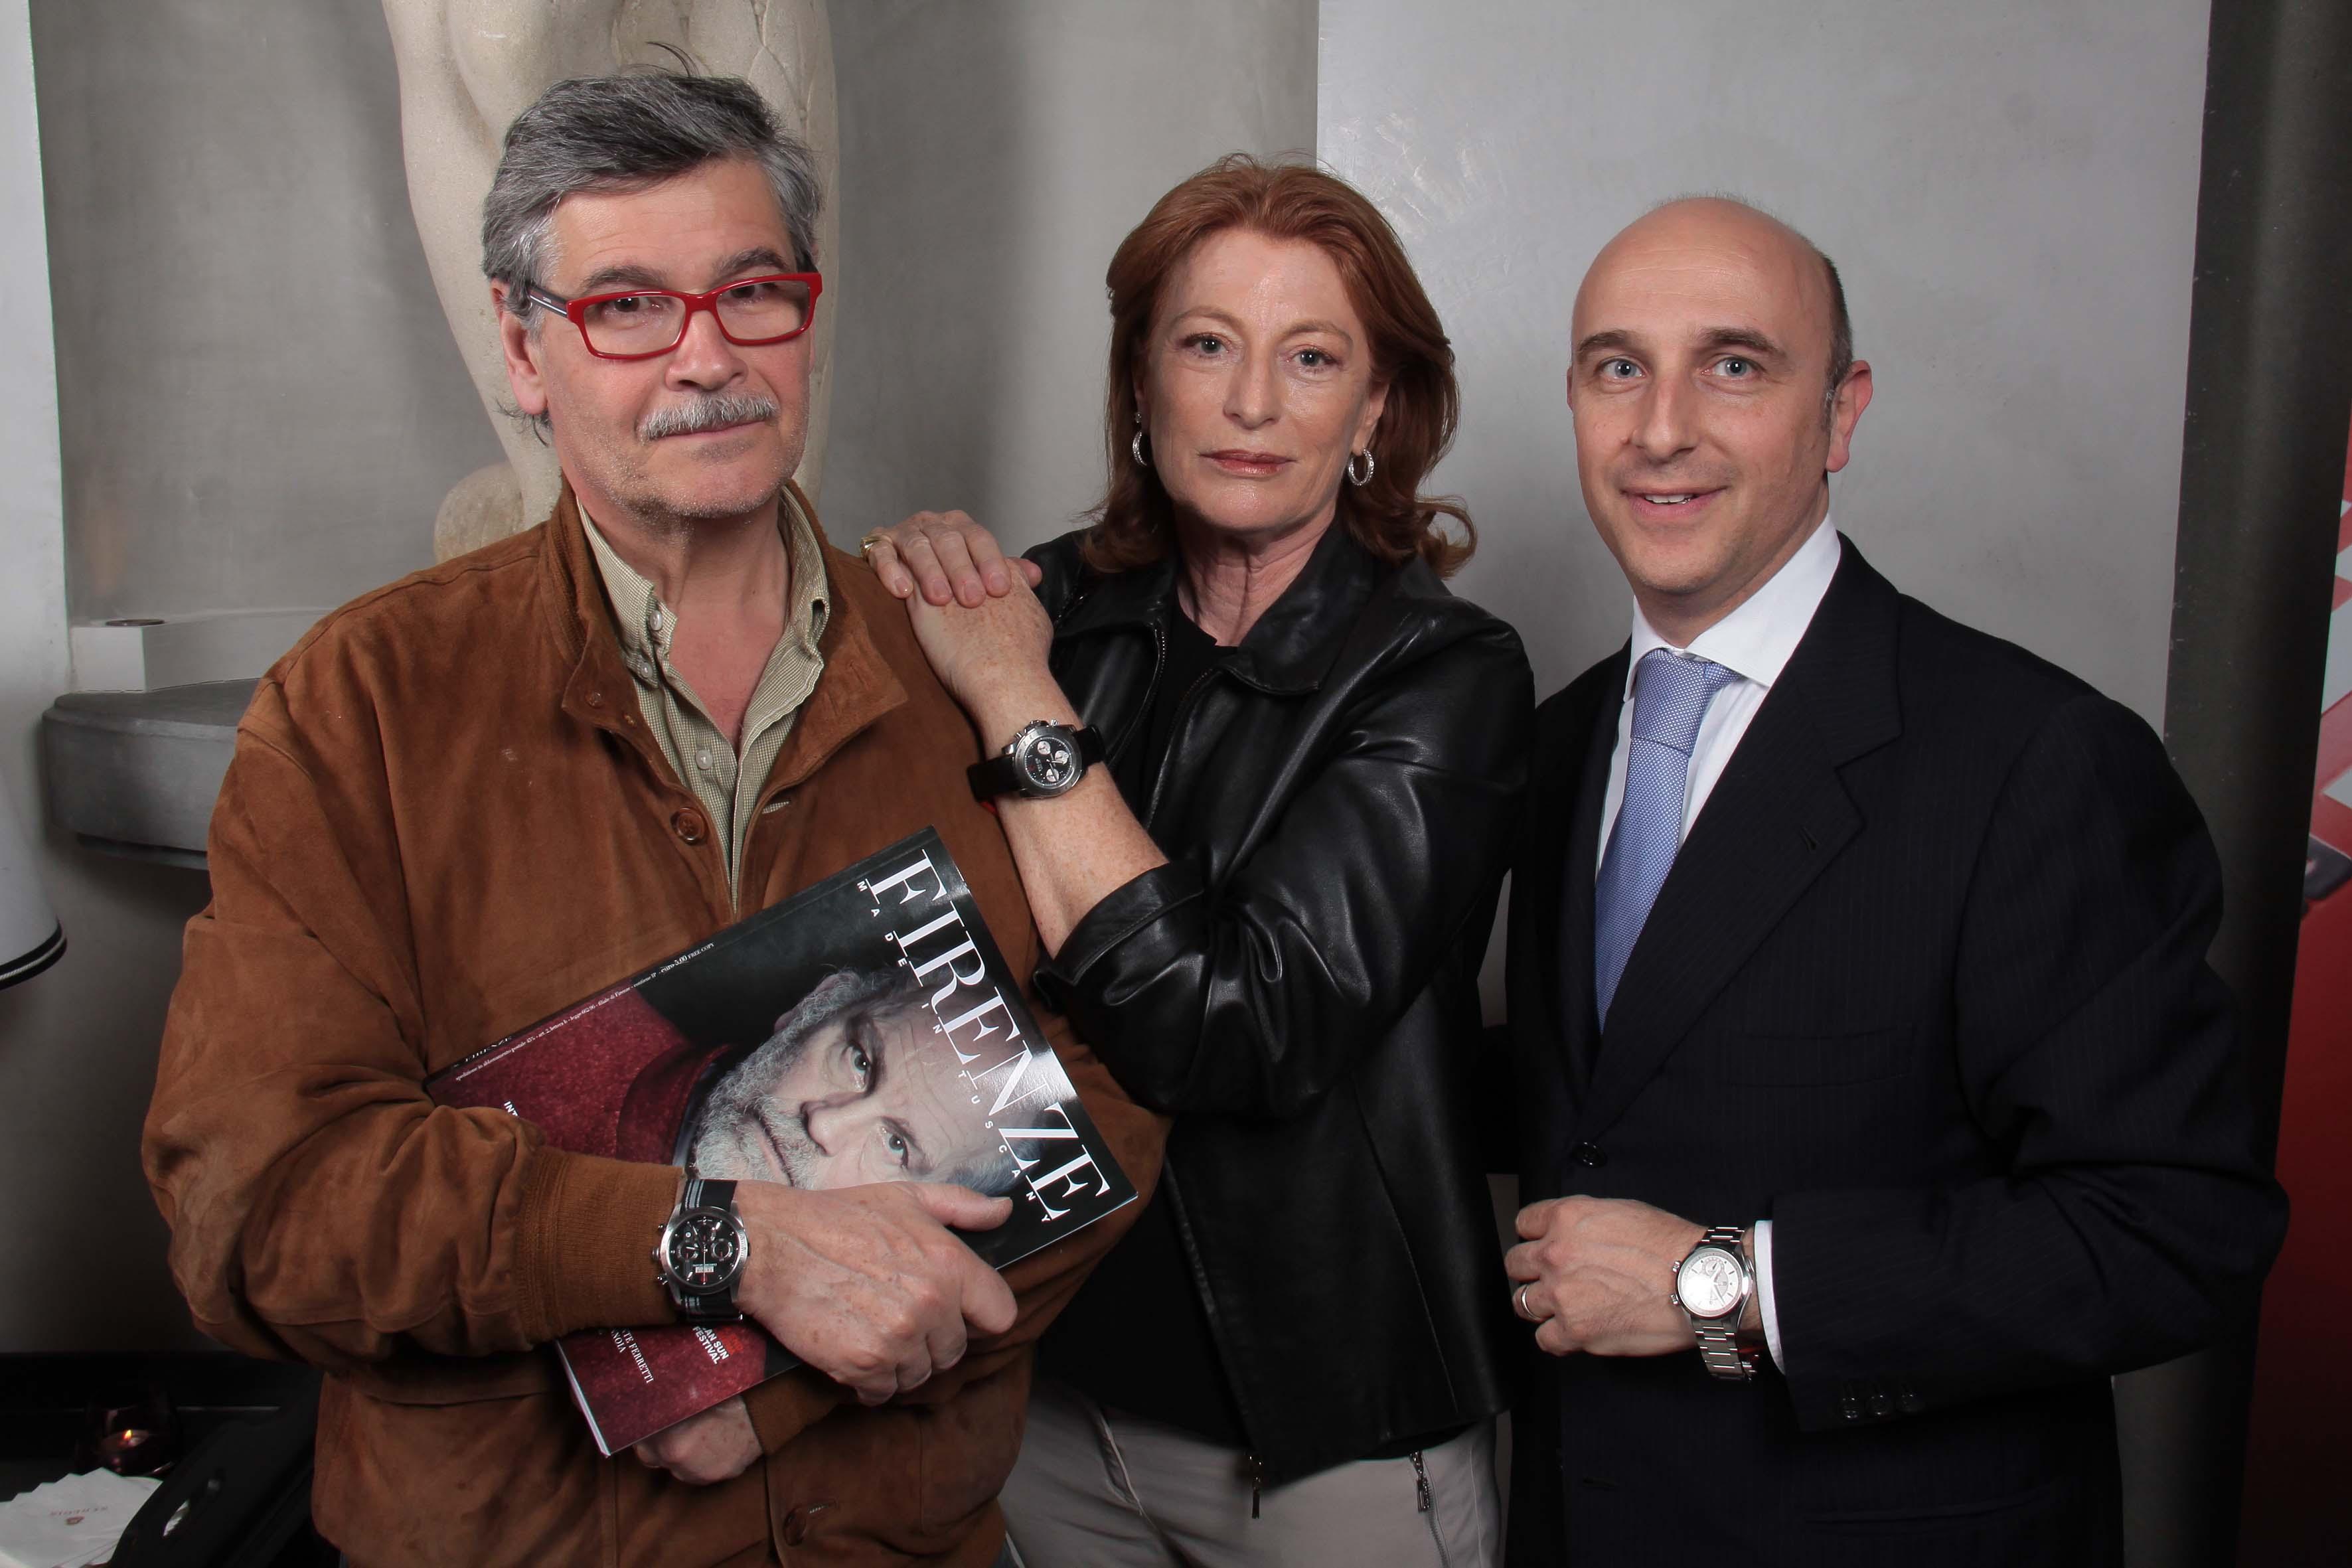 pressphoto-Firenze Serata per la presentazione della Rivista Firenze Made In Tuscany  son Tudor    Marco e Elisabetta Rogai Filippo Cassetti